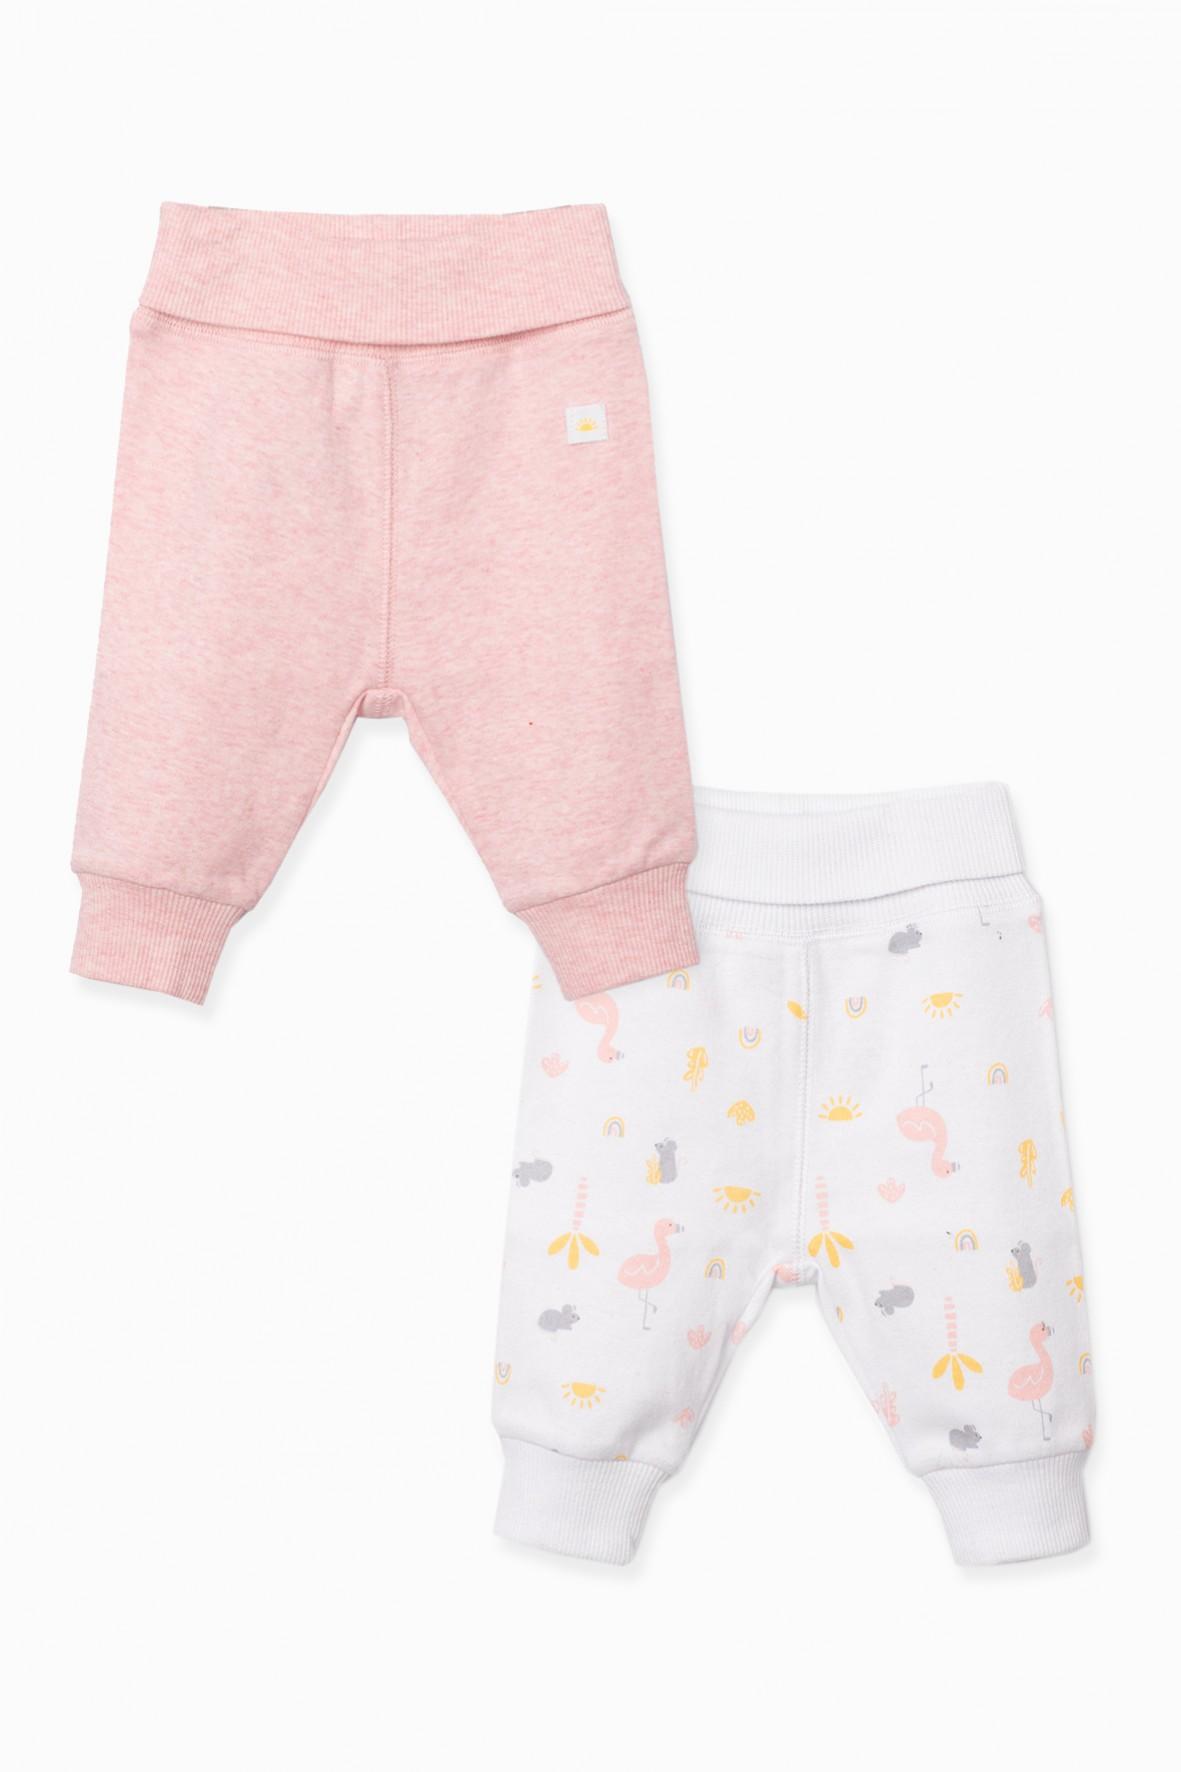 Półśpiochy niemowlęce 2pak we wzorki